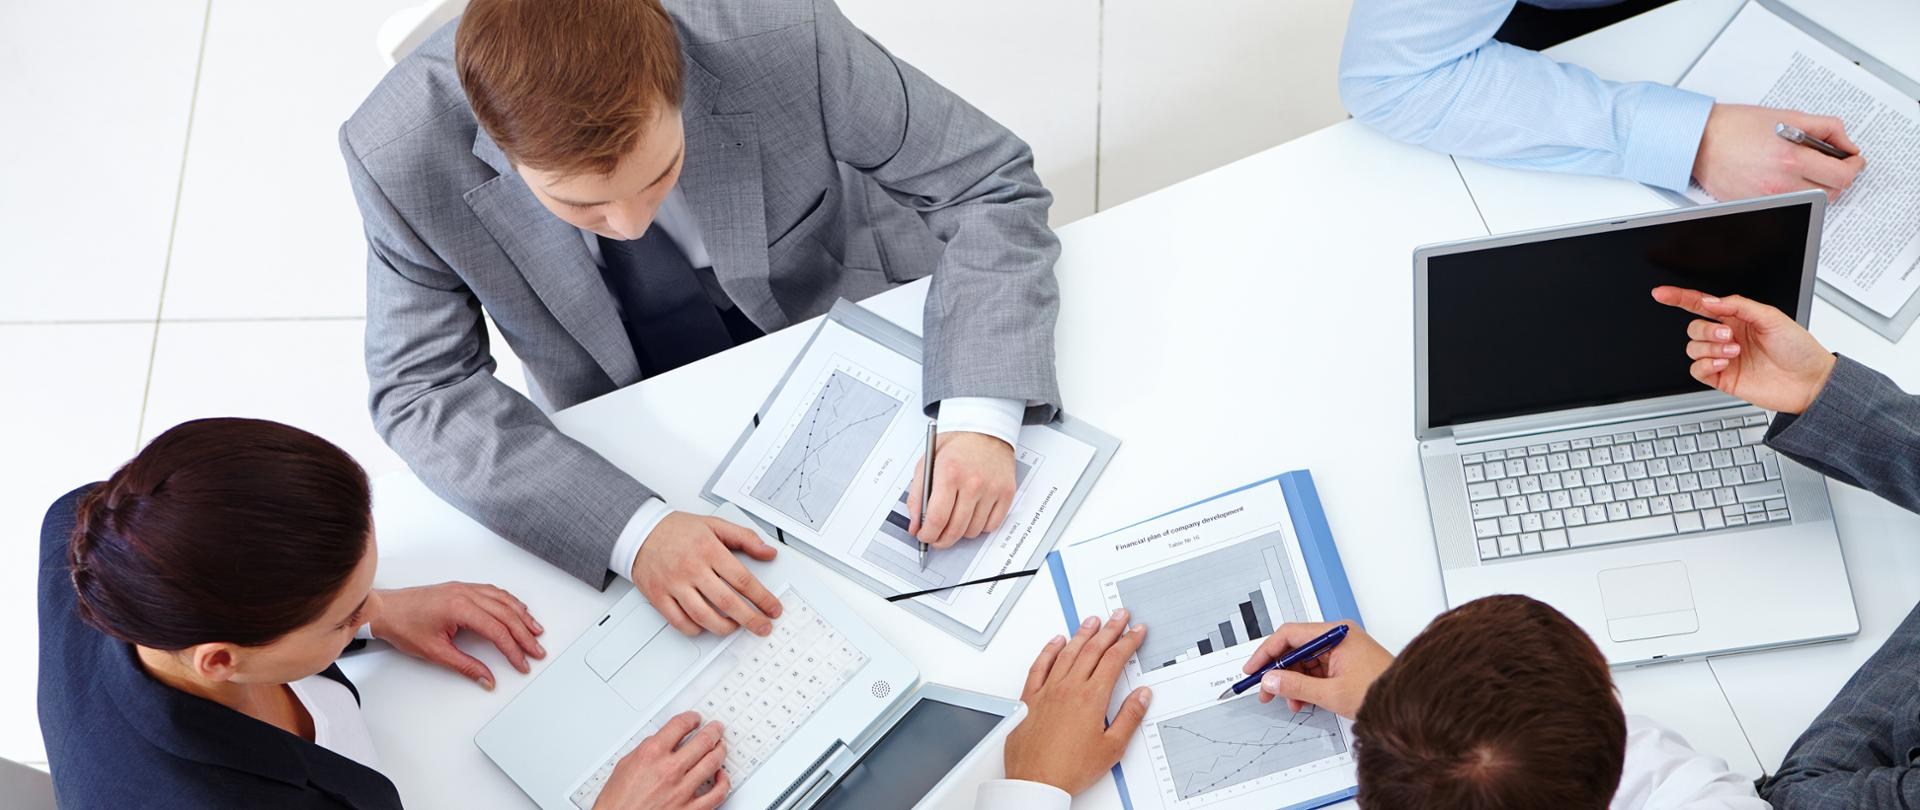 Pomoc dla przedsiębiorców z kolejnych 9 branż-spotkanie biznesowe, przy stole siedzi 5 mężczyzn